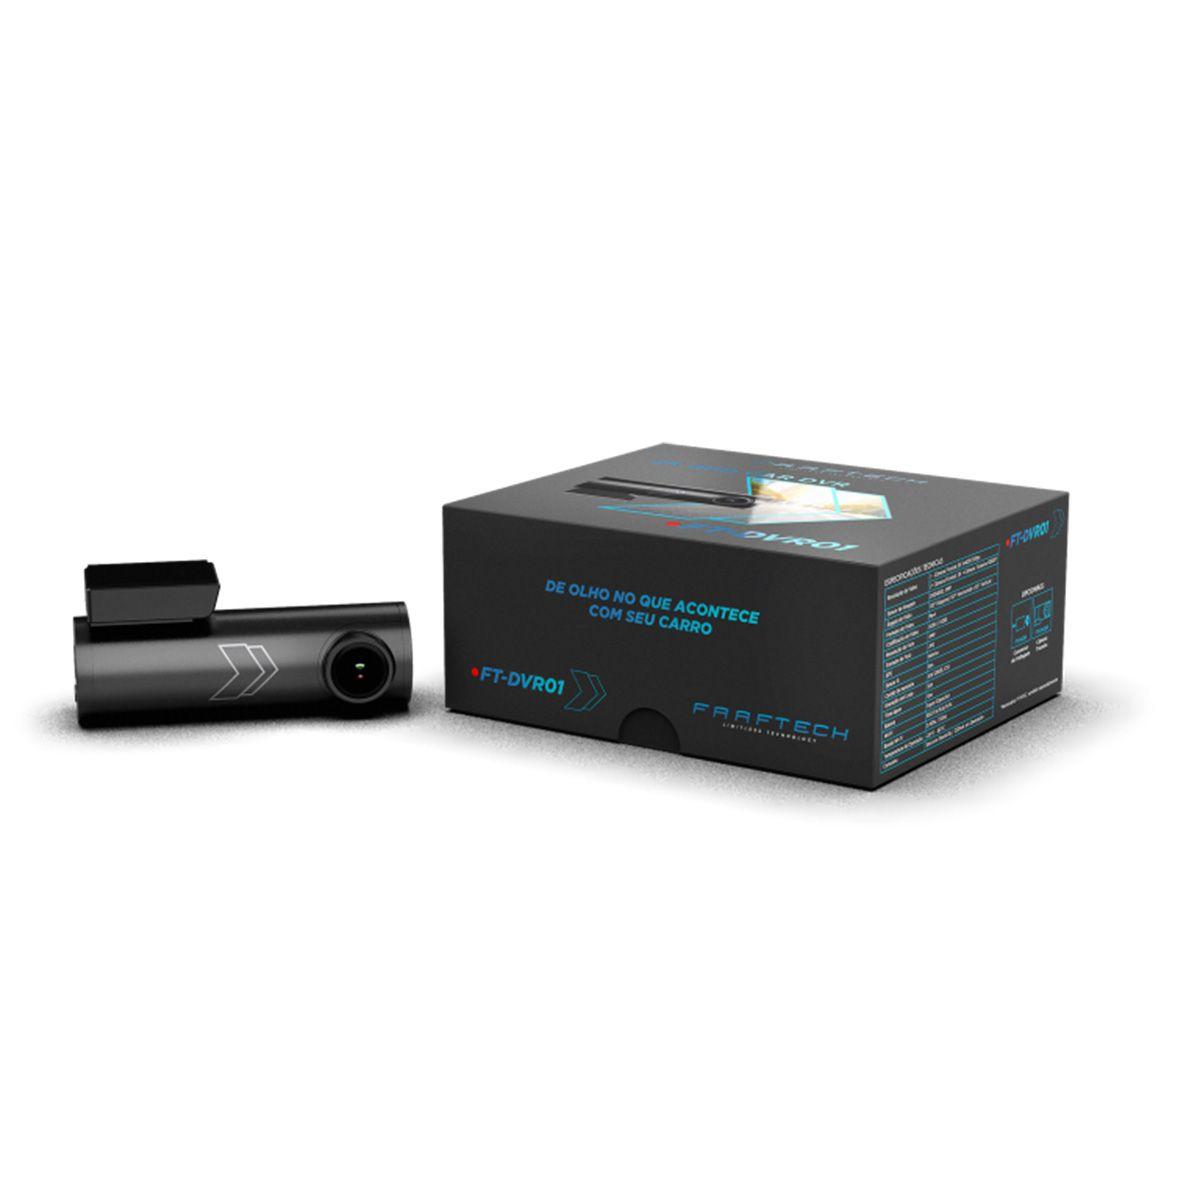 Camera DVR Automotiva Faaftech FT-DVR01 Resolução 2K 1440P